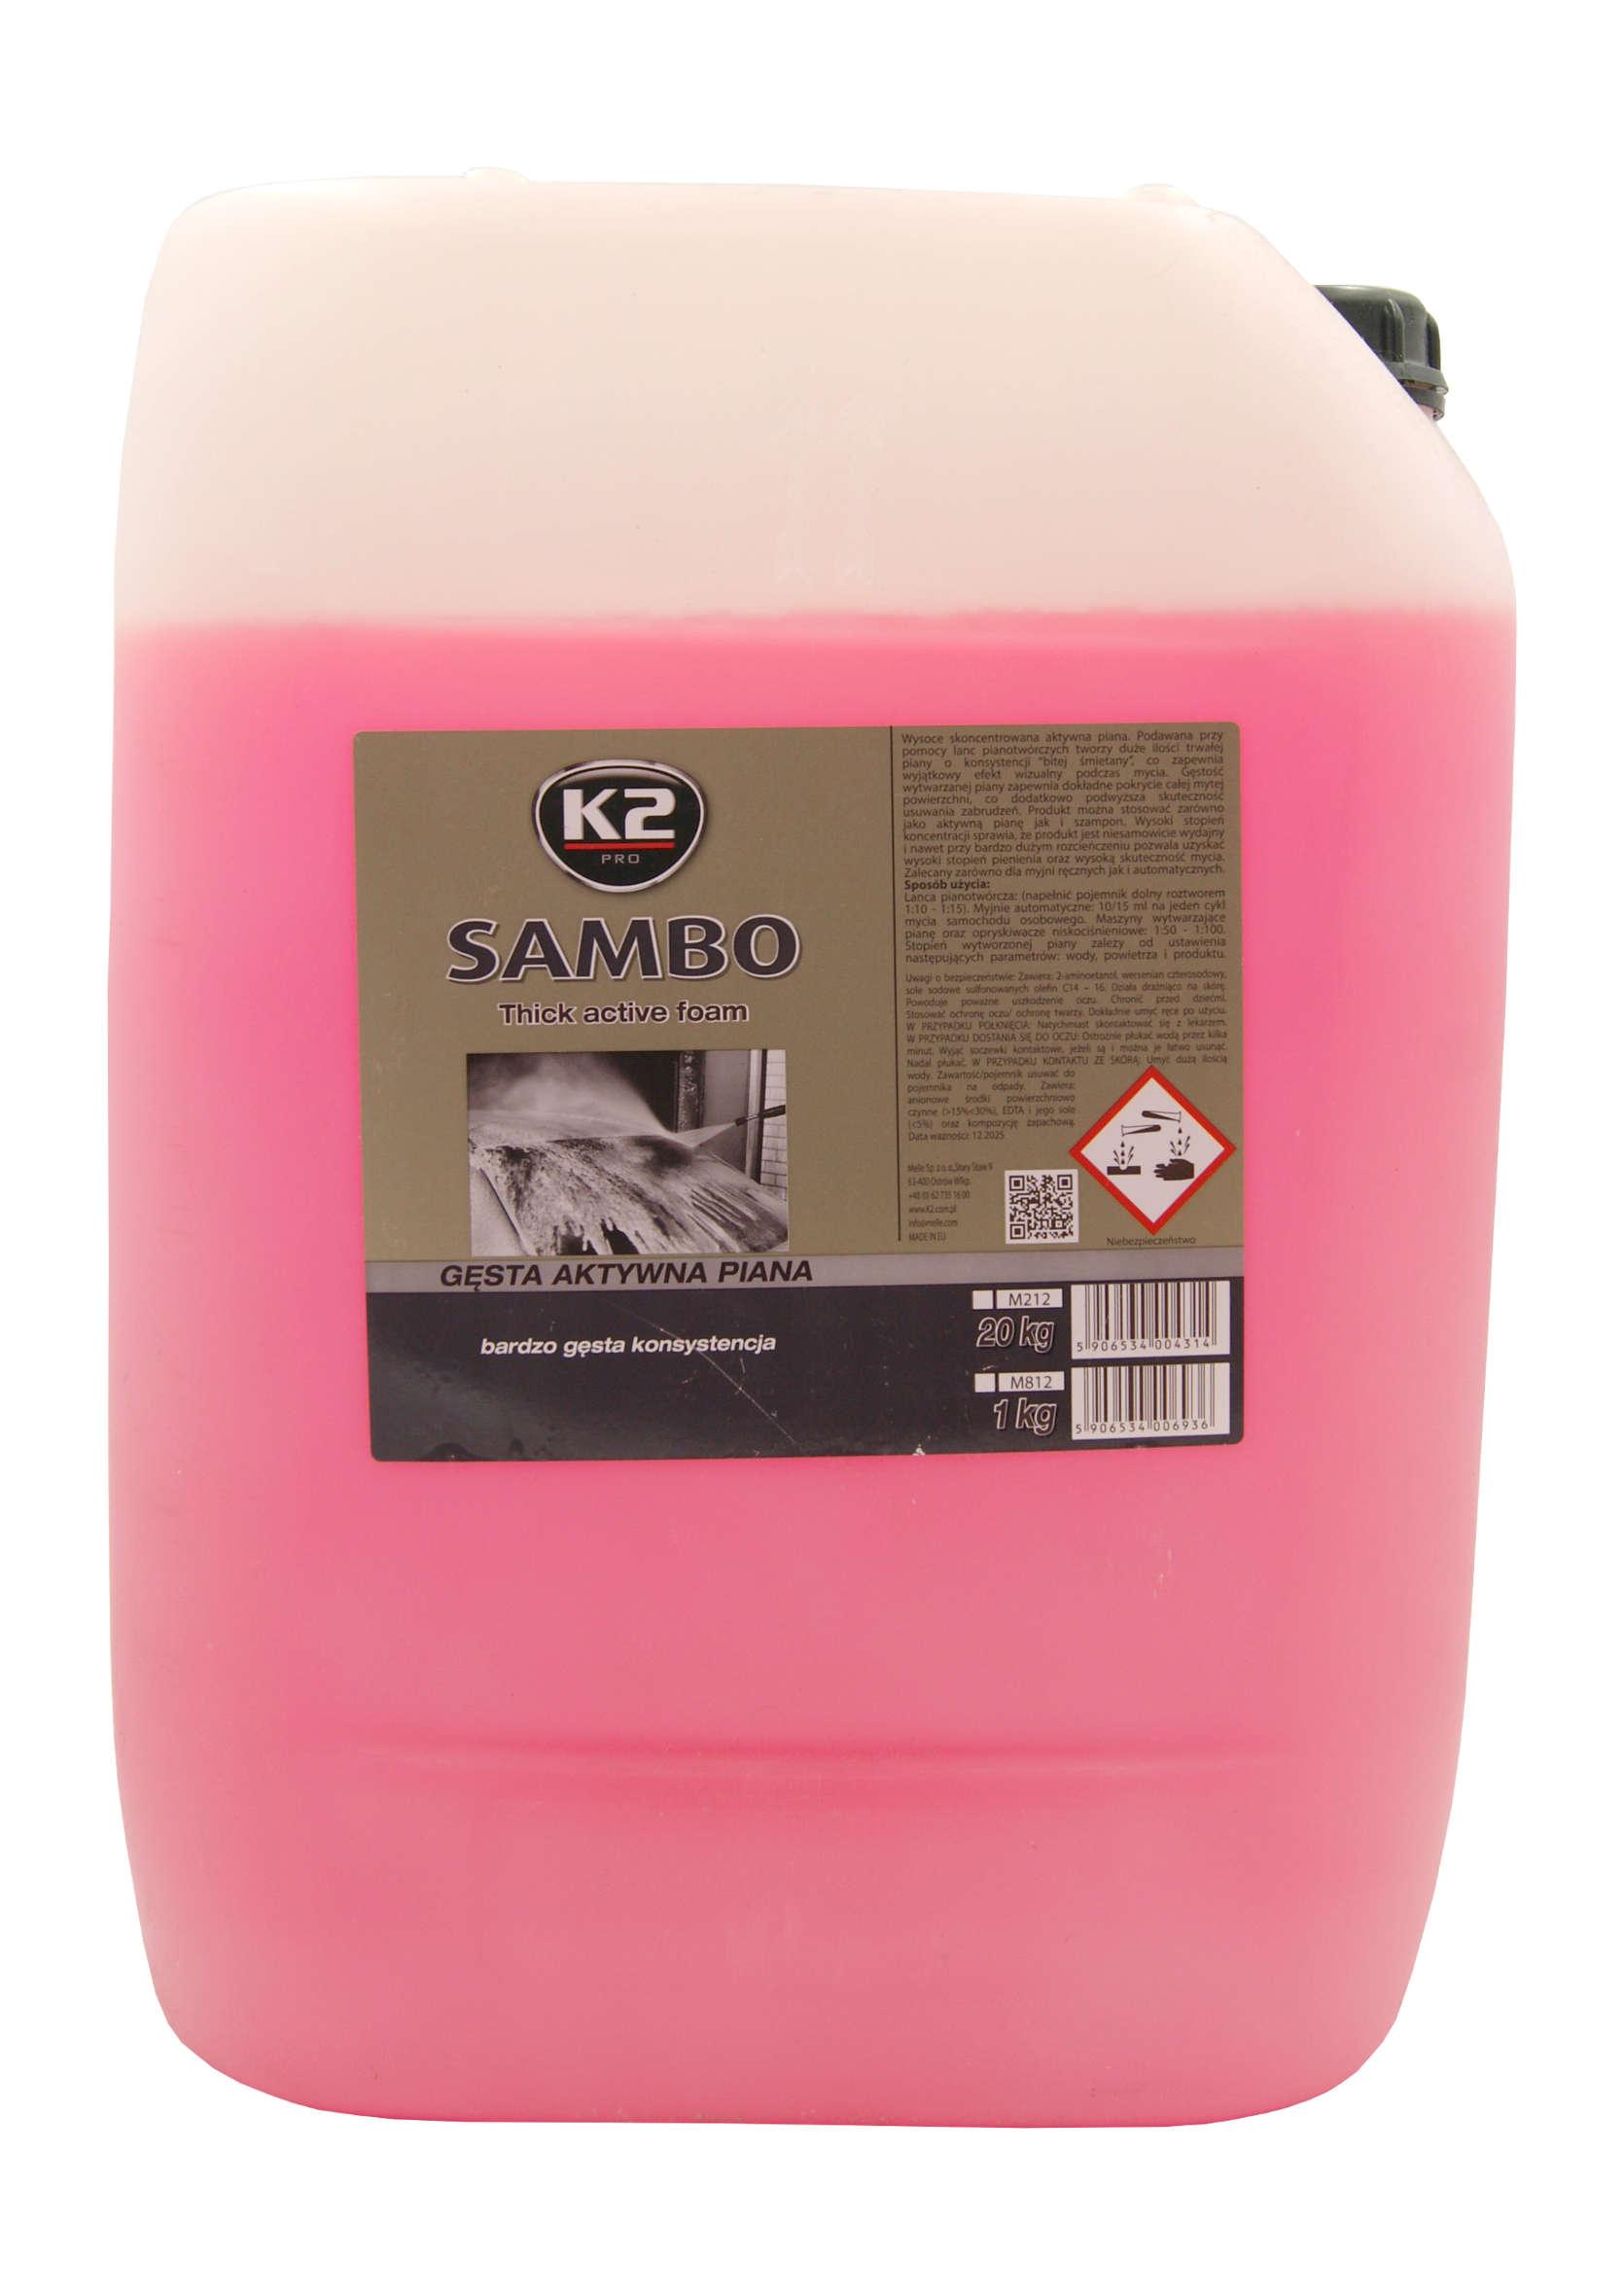 K2 Sambo Aktywna Piana Zapachowa do Wstępnego Mycia Samochodów 20kg